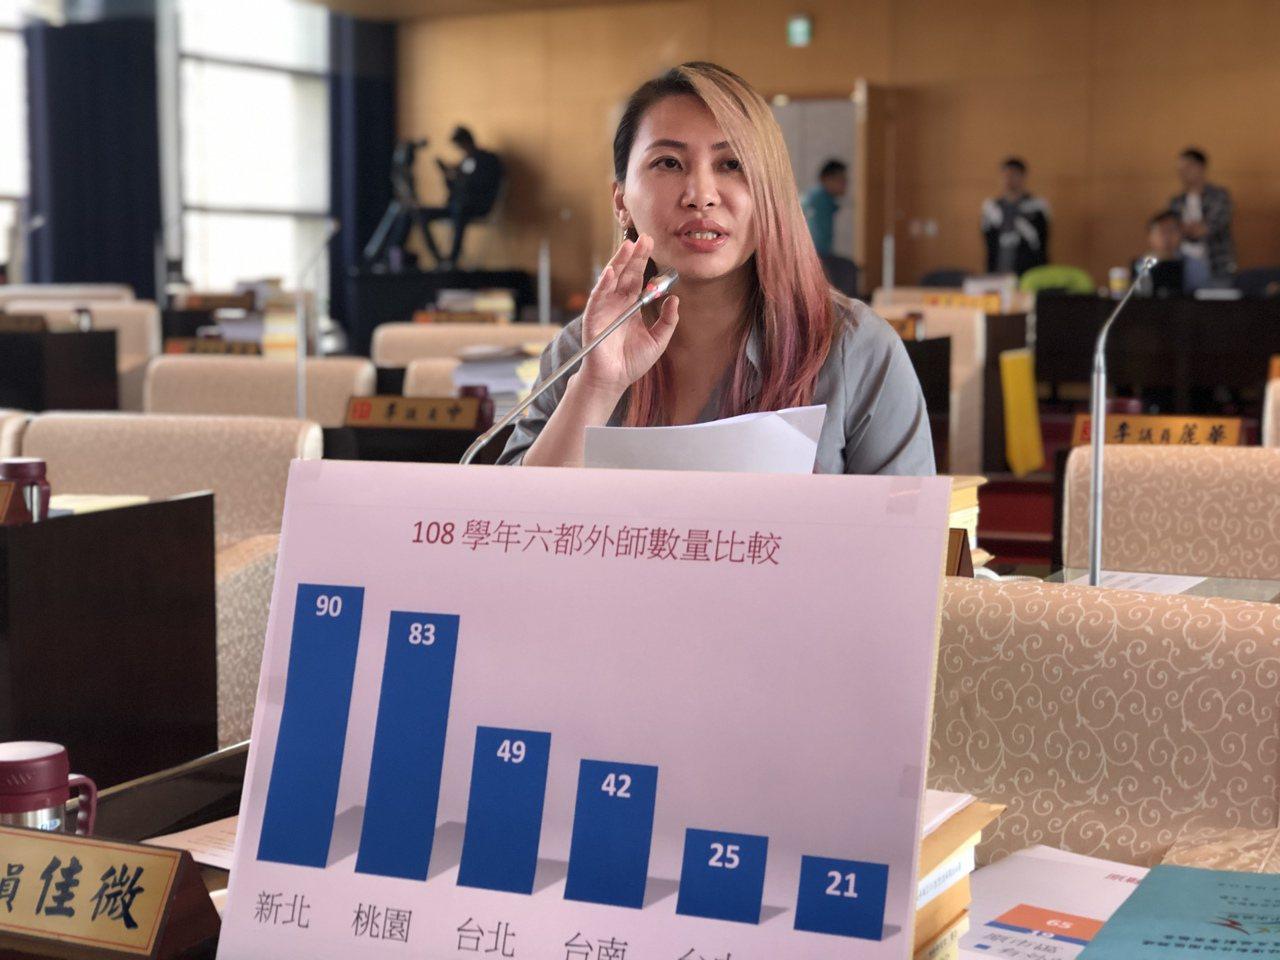 台中市議員賴佳微要求教育局重視雙語教育,增加外師數。記者陳秋雲/攝影